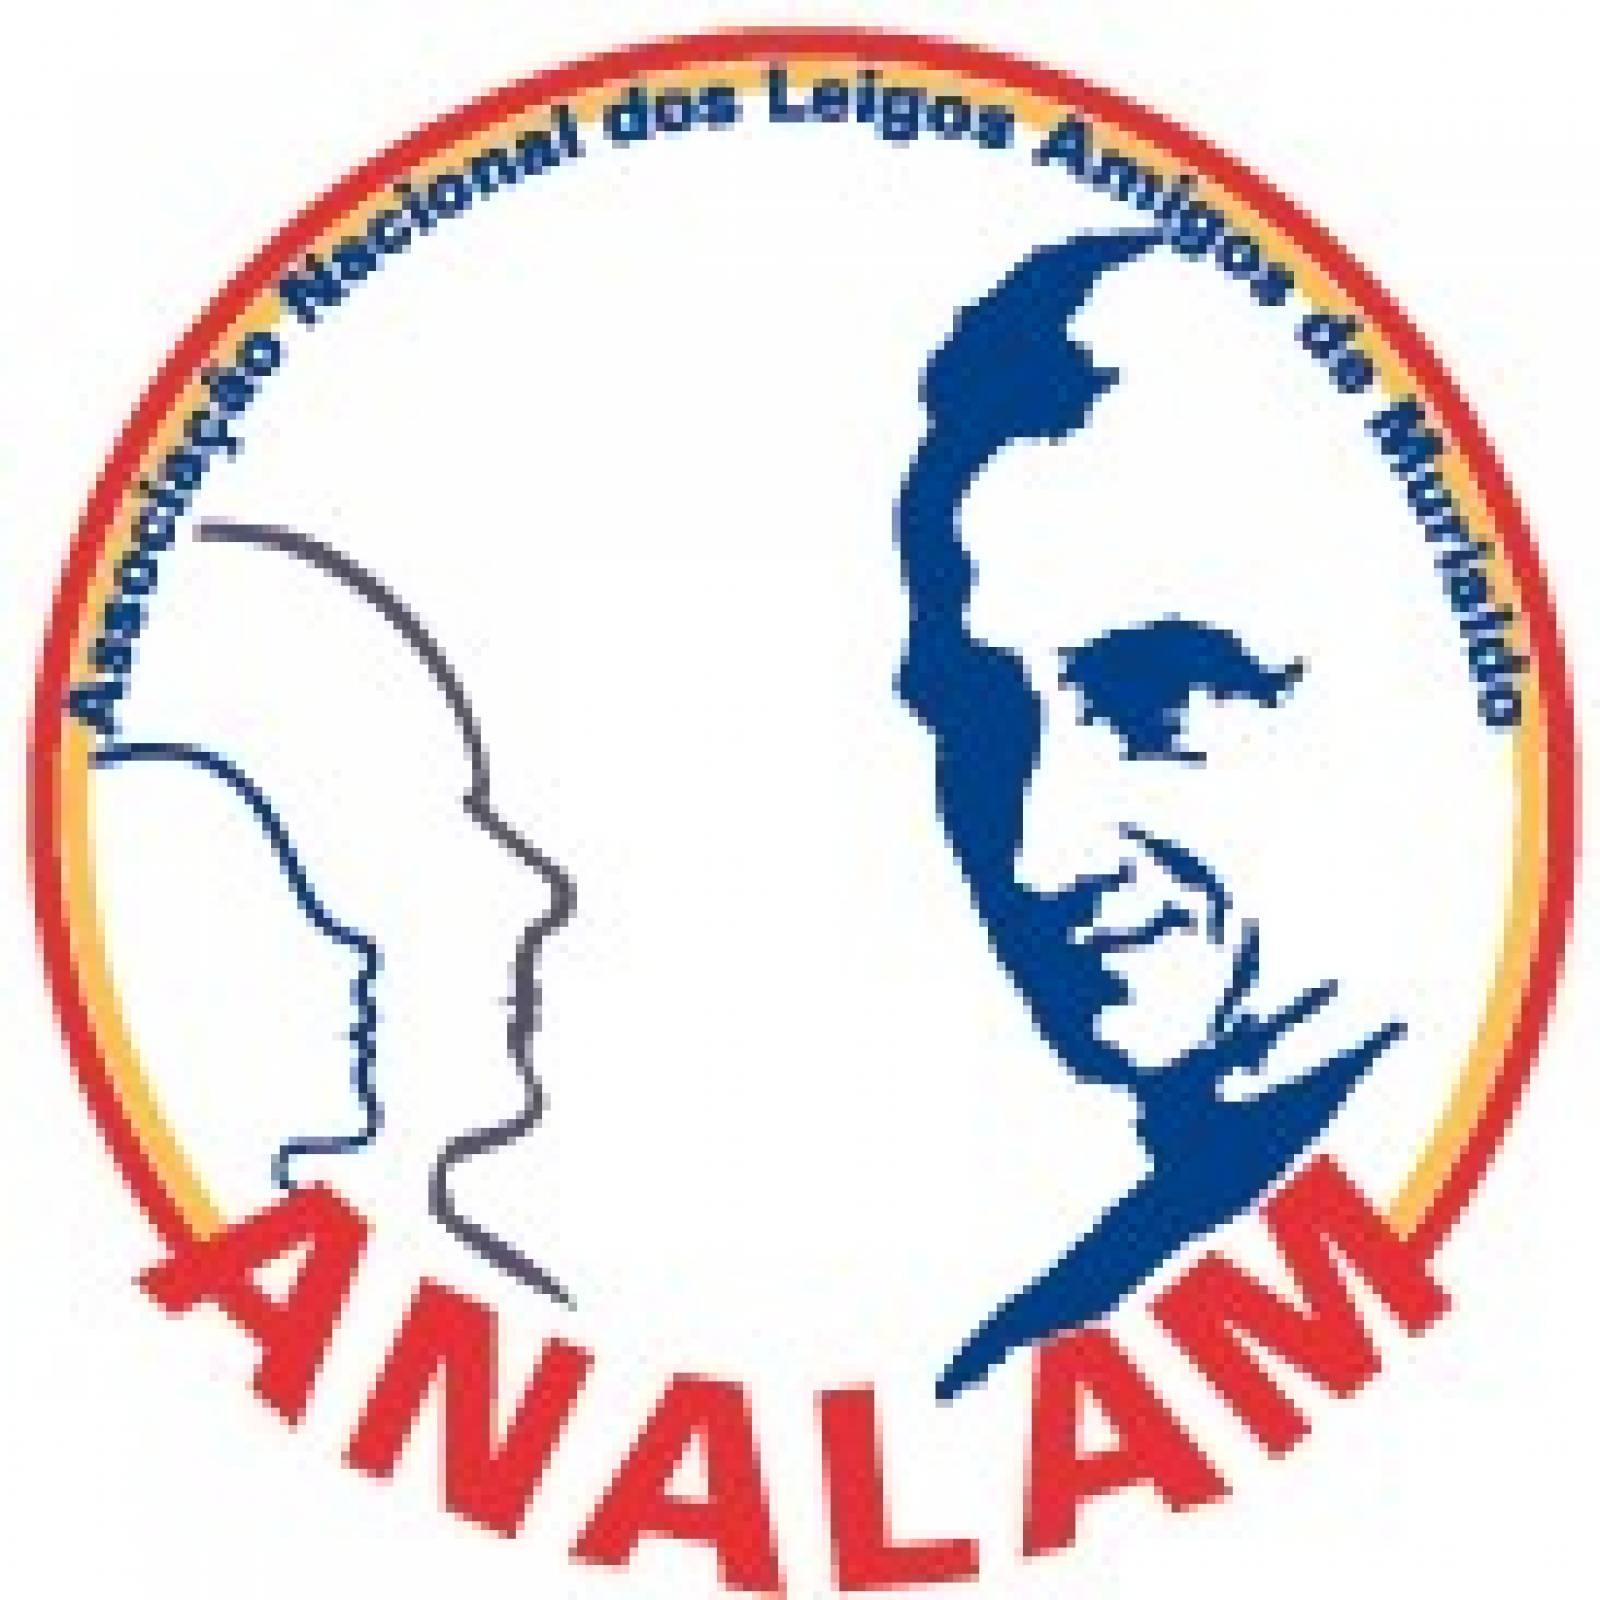 232c37b42 QUEM SOMOS - ANALAM - Associação Nacional dos Leigos Amigos de Murialdo